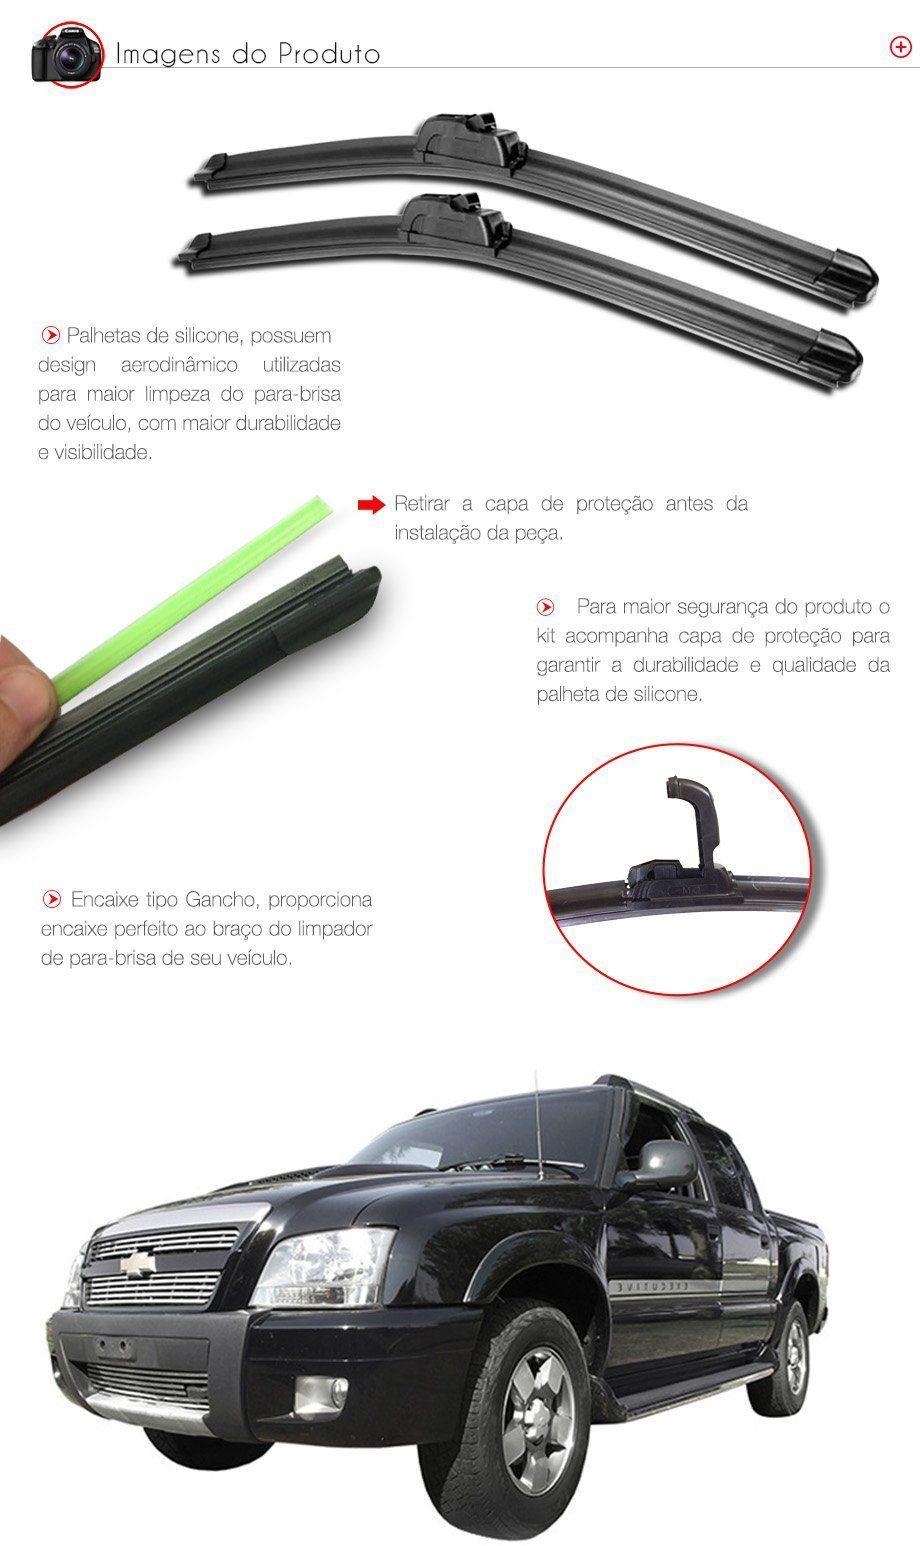 Palheta Slim Limpador Parabrisa S10 - 1995 1996 1997 1998 a 2009 2010 2011